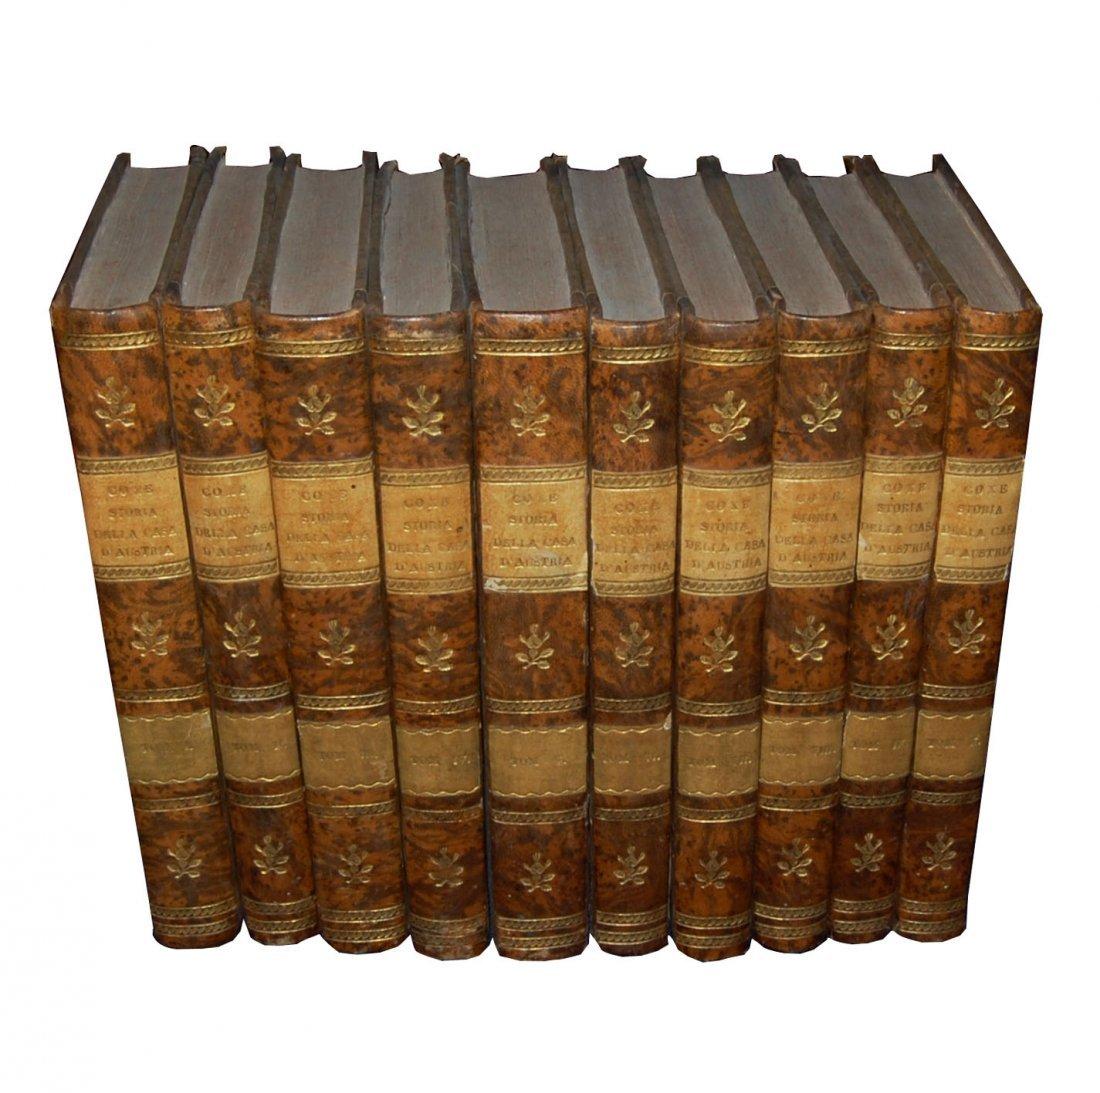 [Austria, Habsburg] Coxe, 1823-1826, 10 vols